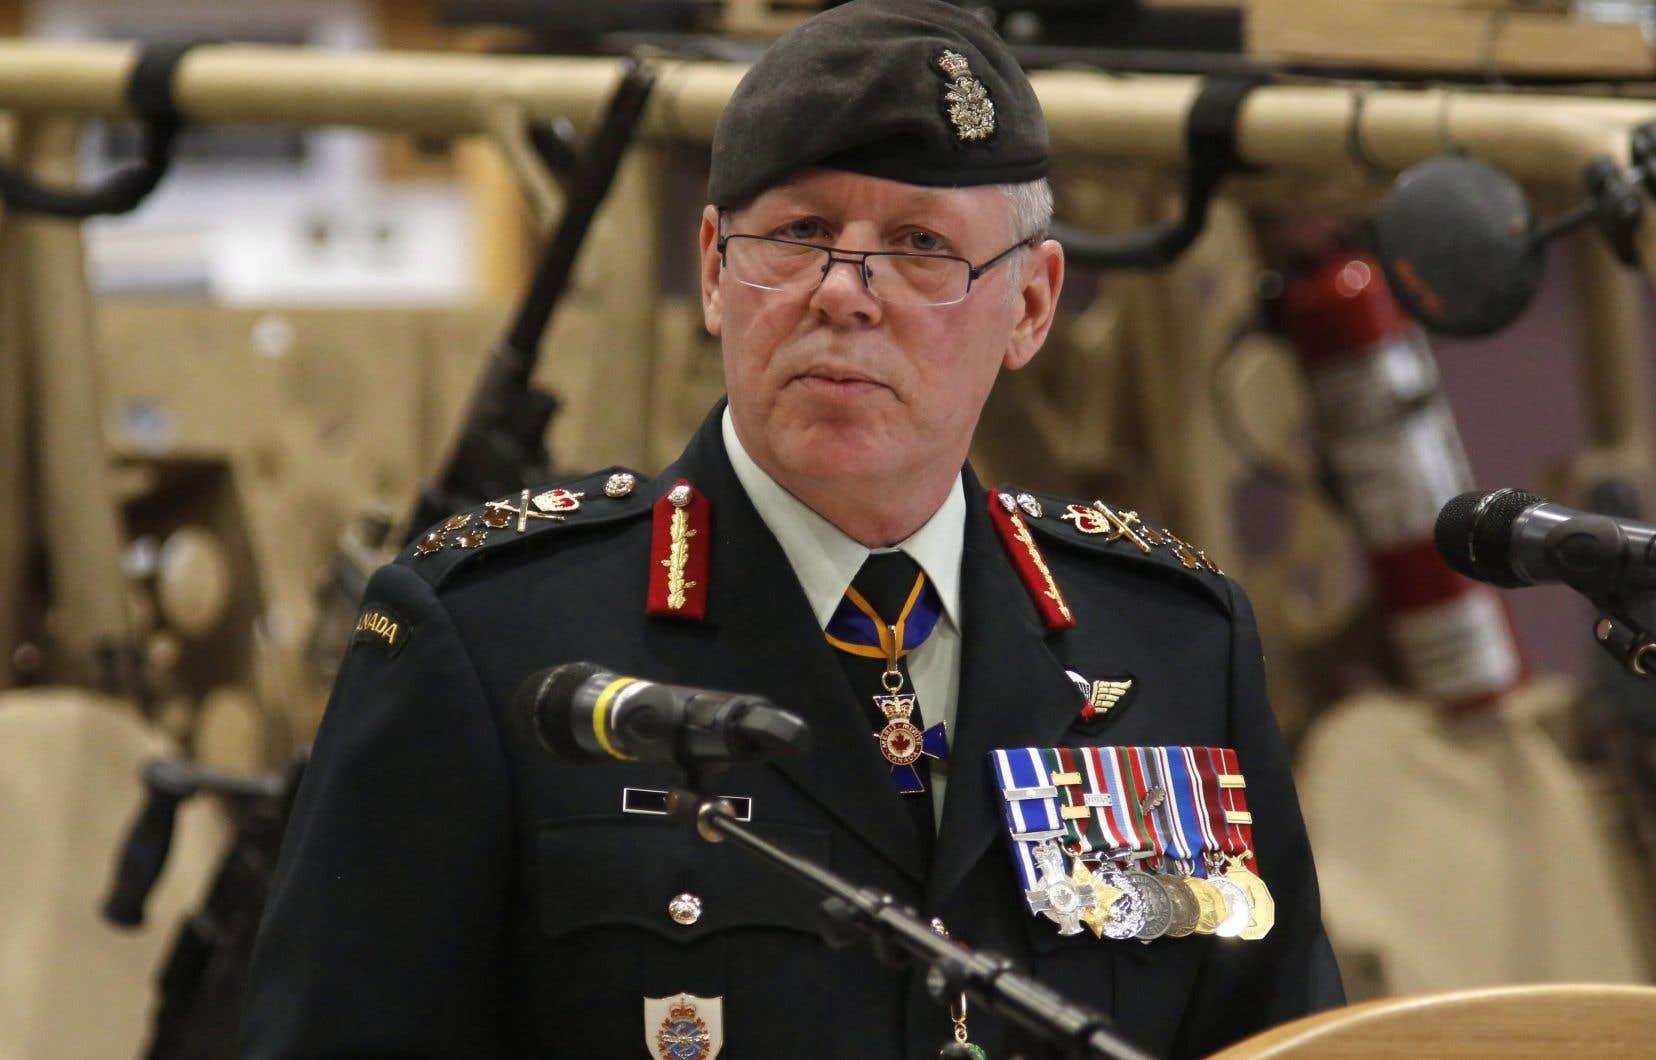 Le chef d'état-major de la défense, Jonathan Vance